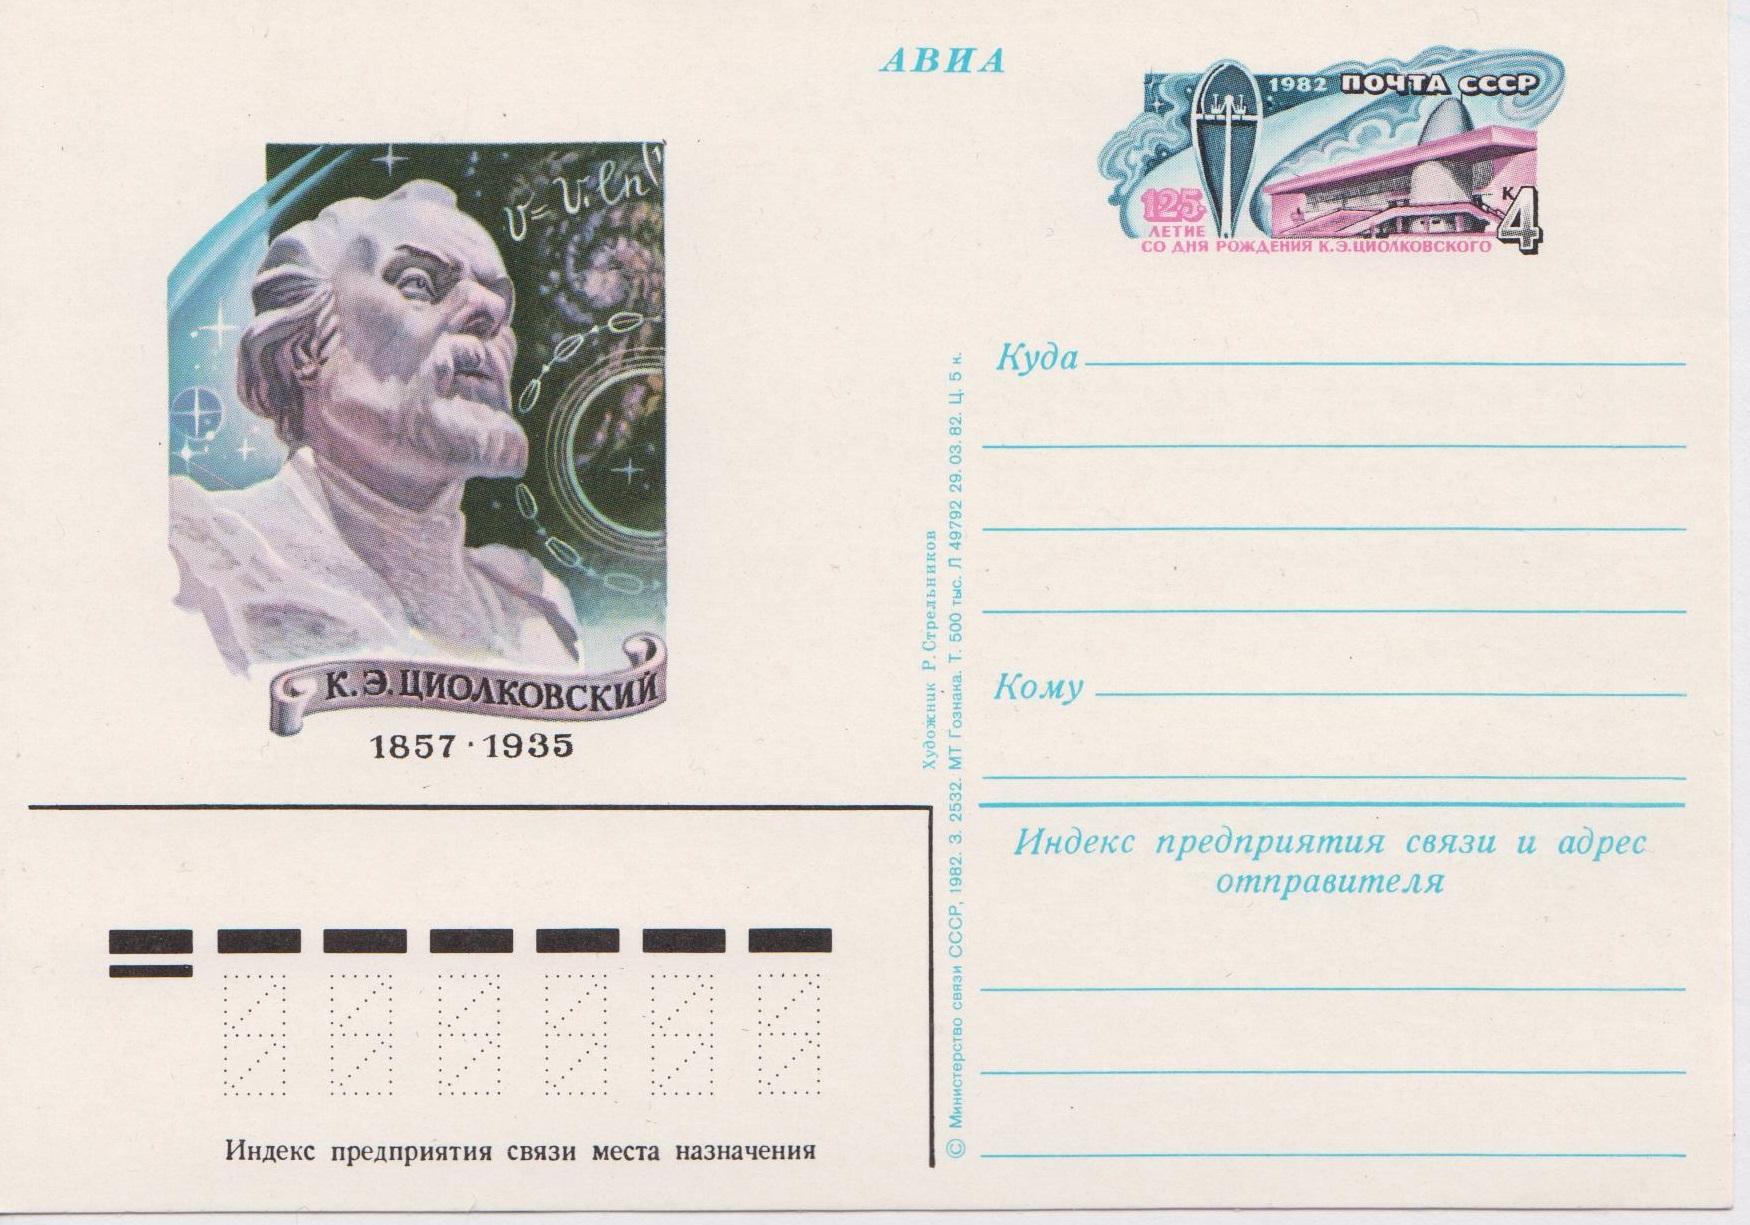 Аватарку, открытки почтовые ссср цена